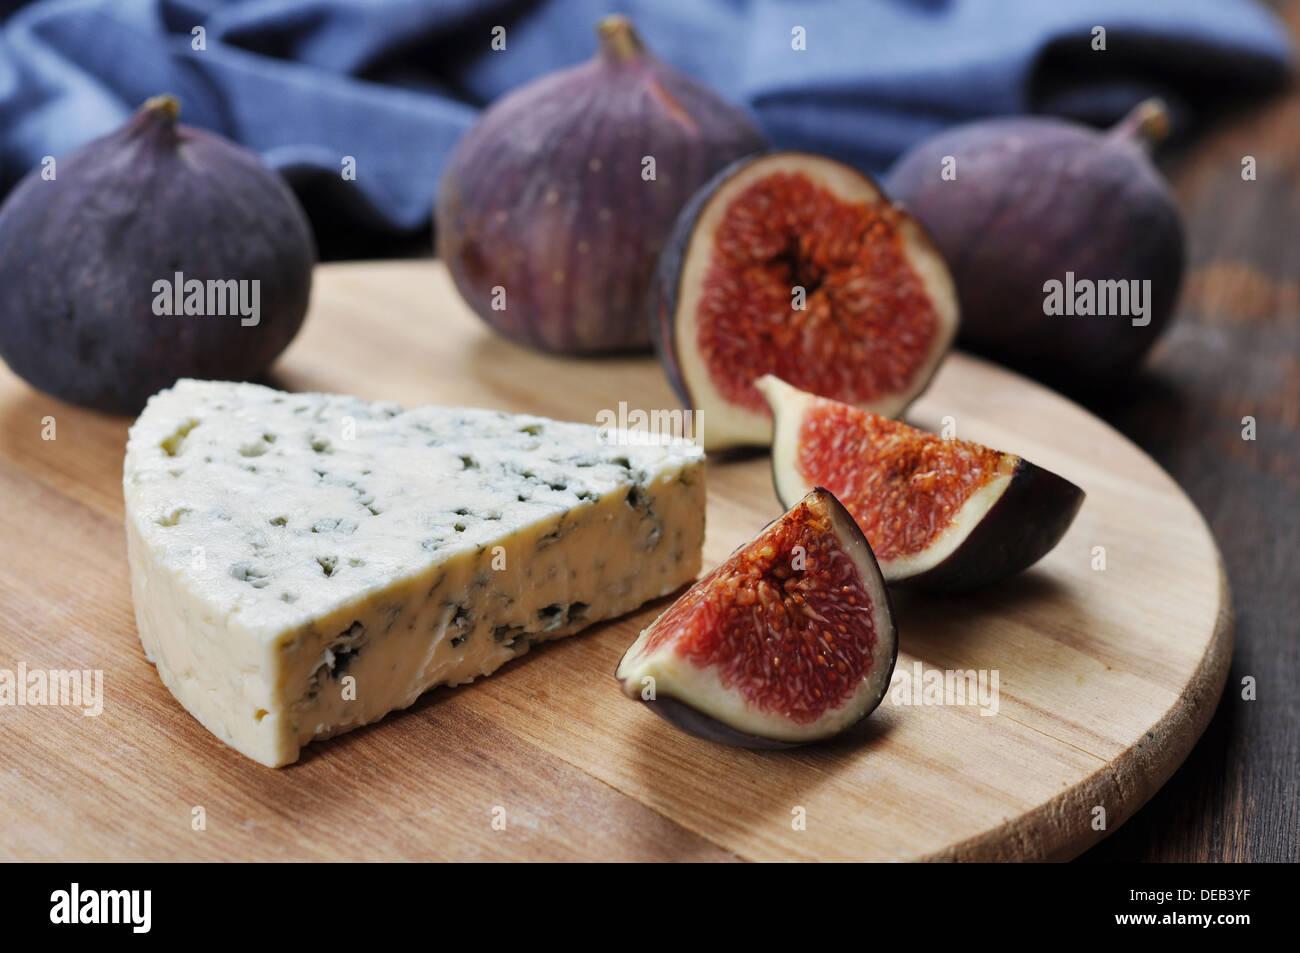 Fromage bleu et figues fraîches Fruits sur une planche à découper en bois Photo Stock